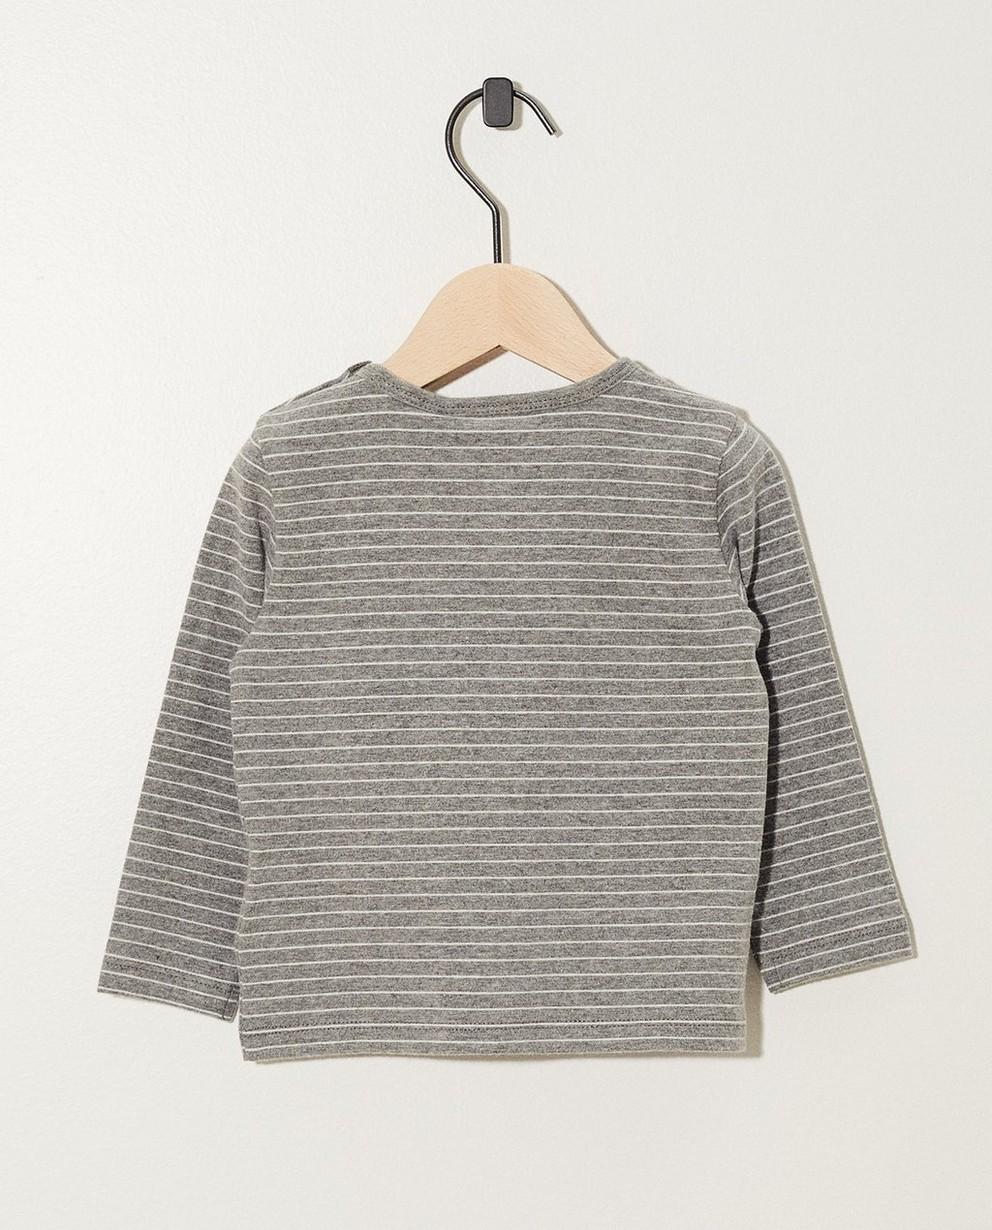 T-shirts - AO1 - Grijsgroene longsleeve van biokatoen